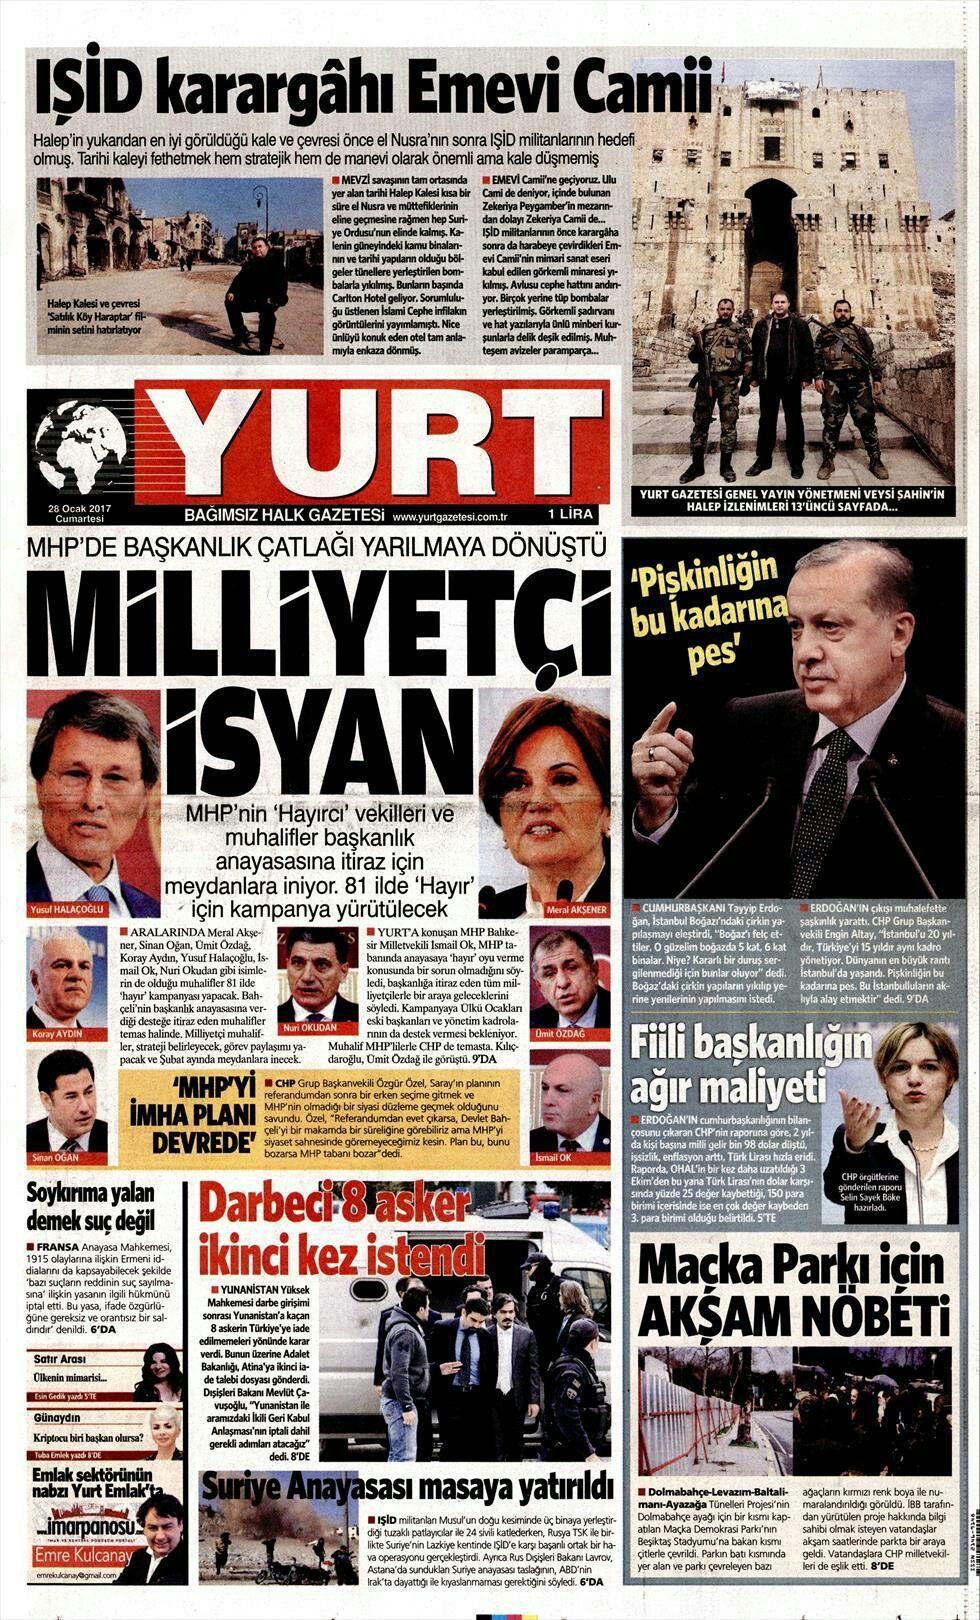 Mustafa Zeki öd Adlı Kullanıcının Yurt Gazetesi Panosundaki Pin